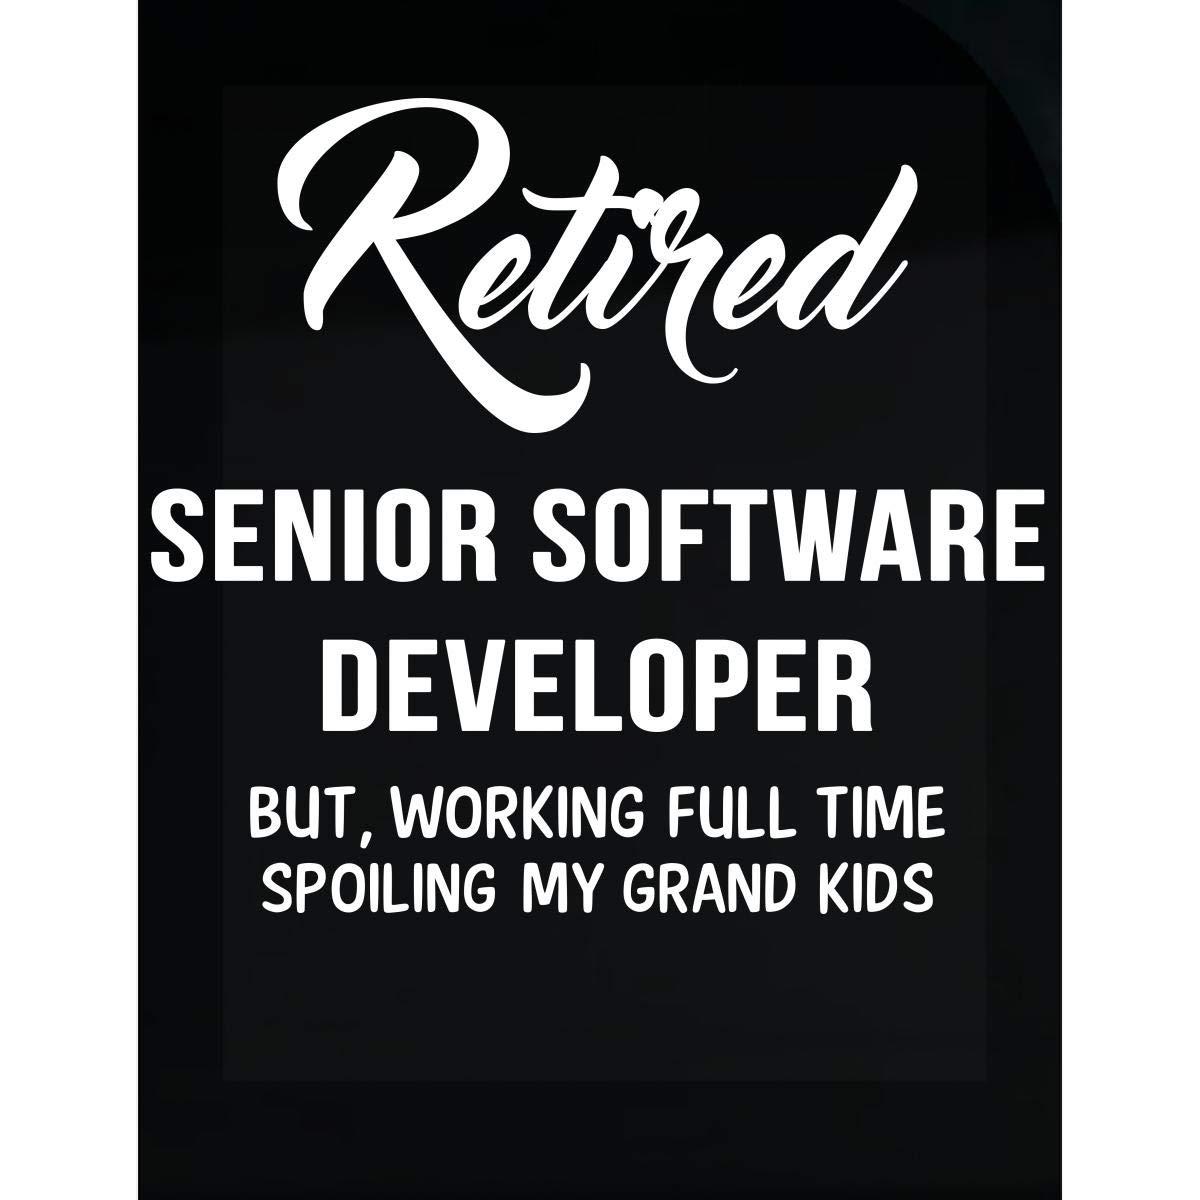 Inked Creatively Retired Senior Software Developer Spoiling Grand Kids - Sticker